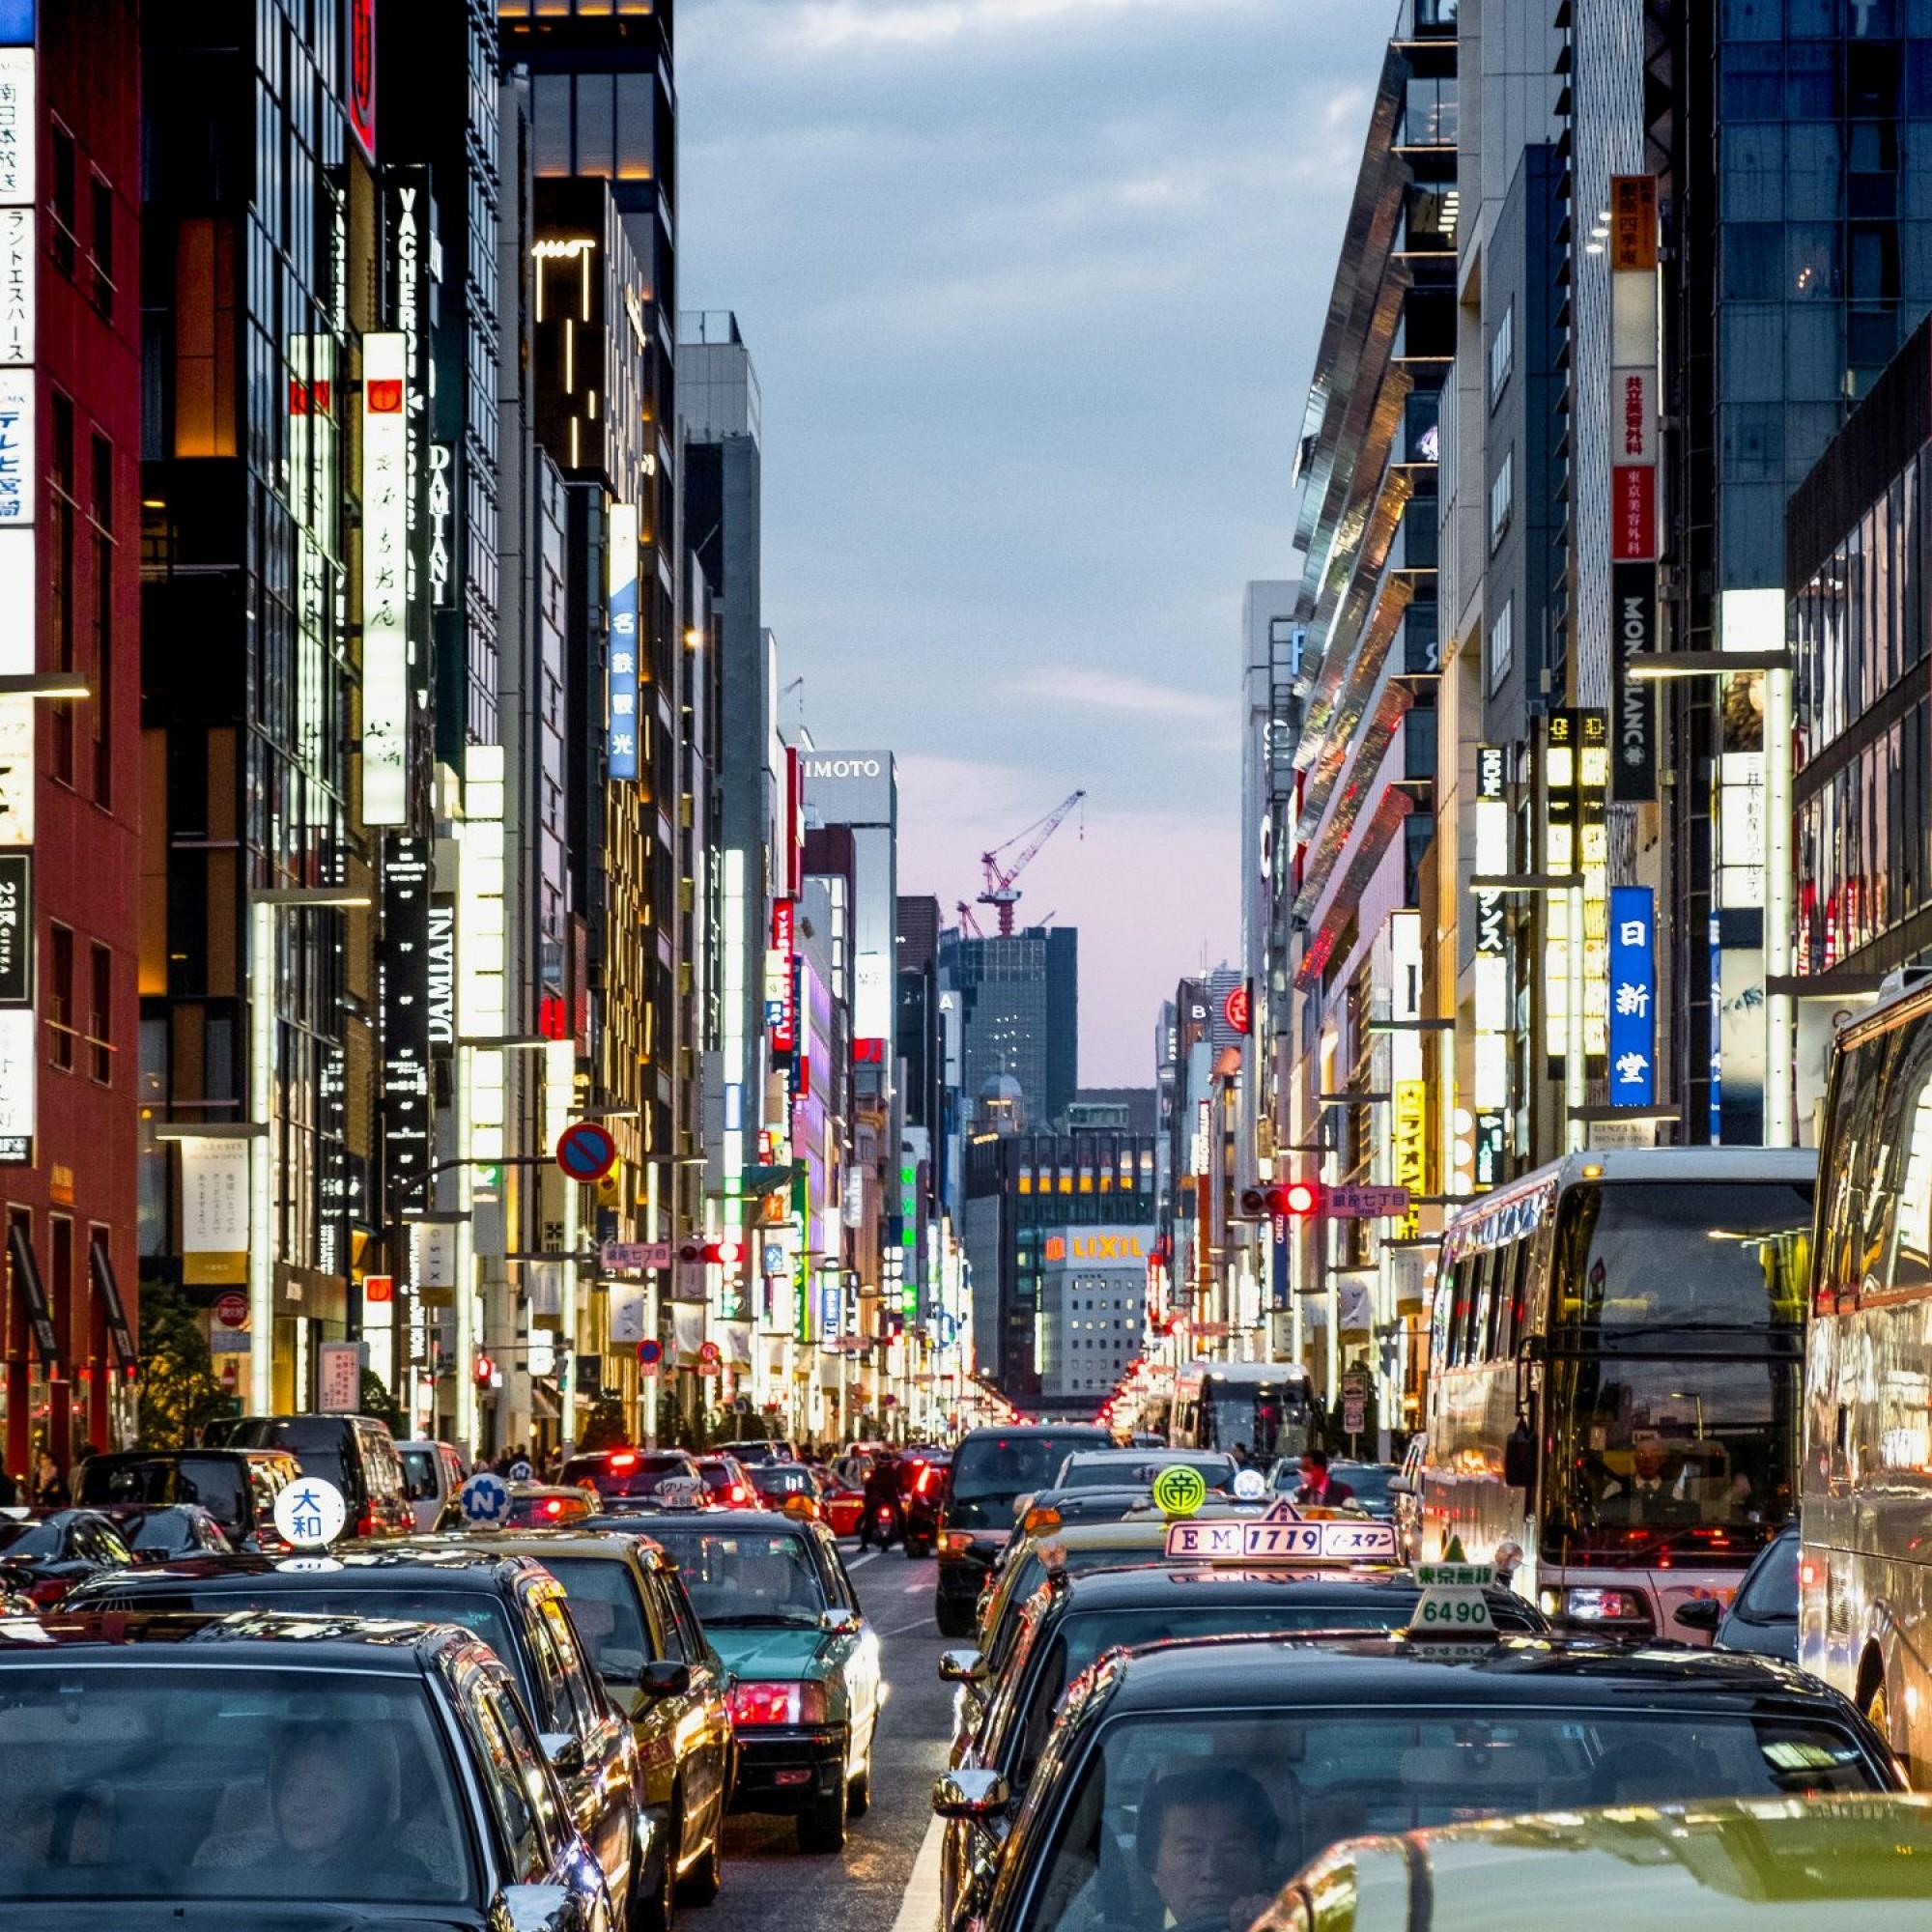 Von den Verhältnissen wie diesen in Tokio ist man in der Schweiz noch weit entfernt.